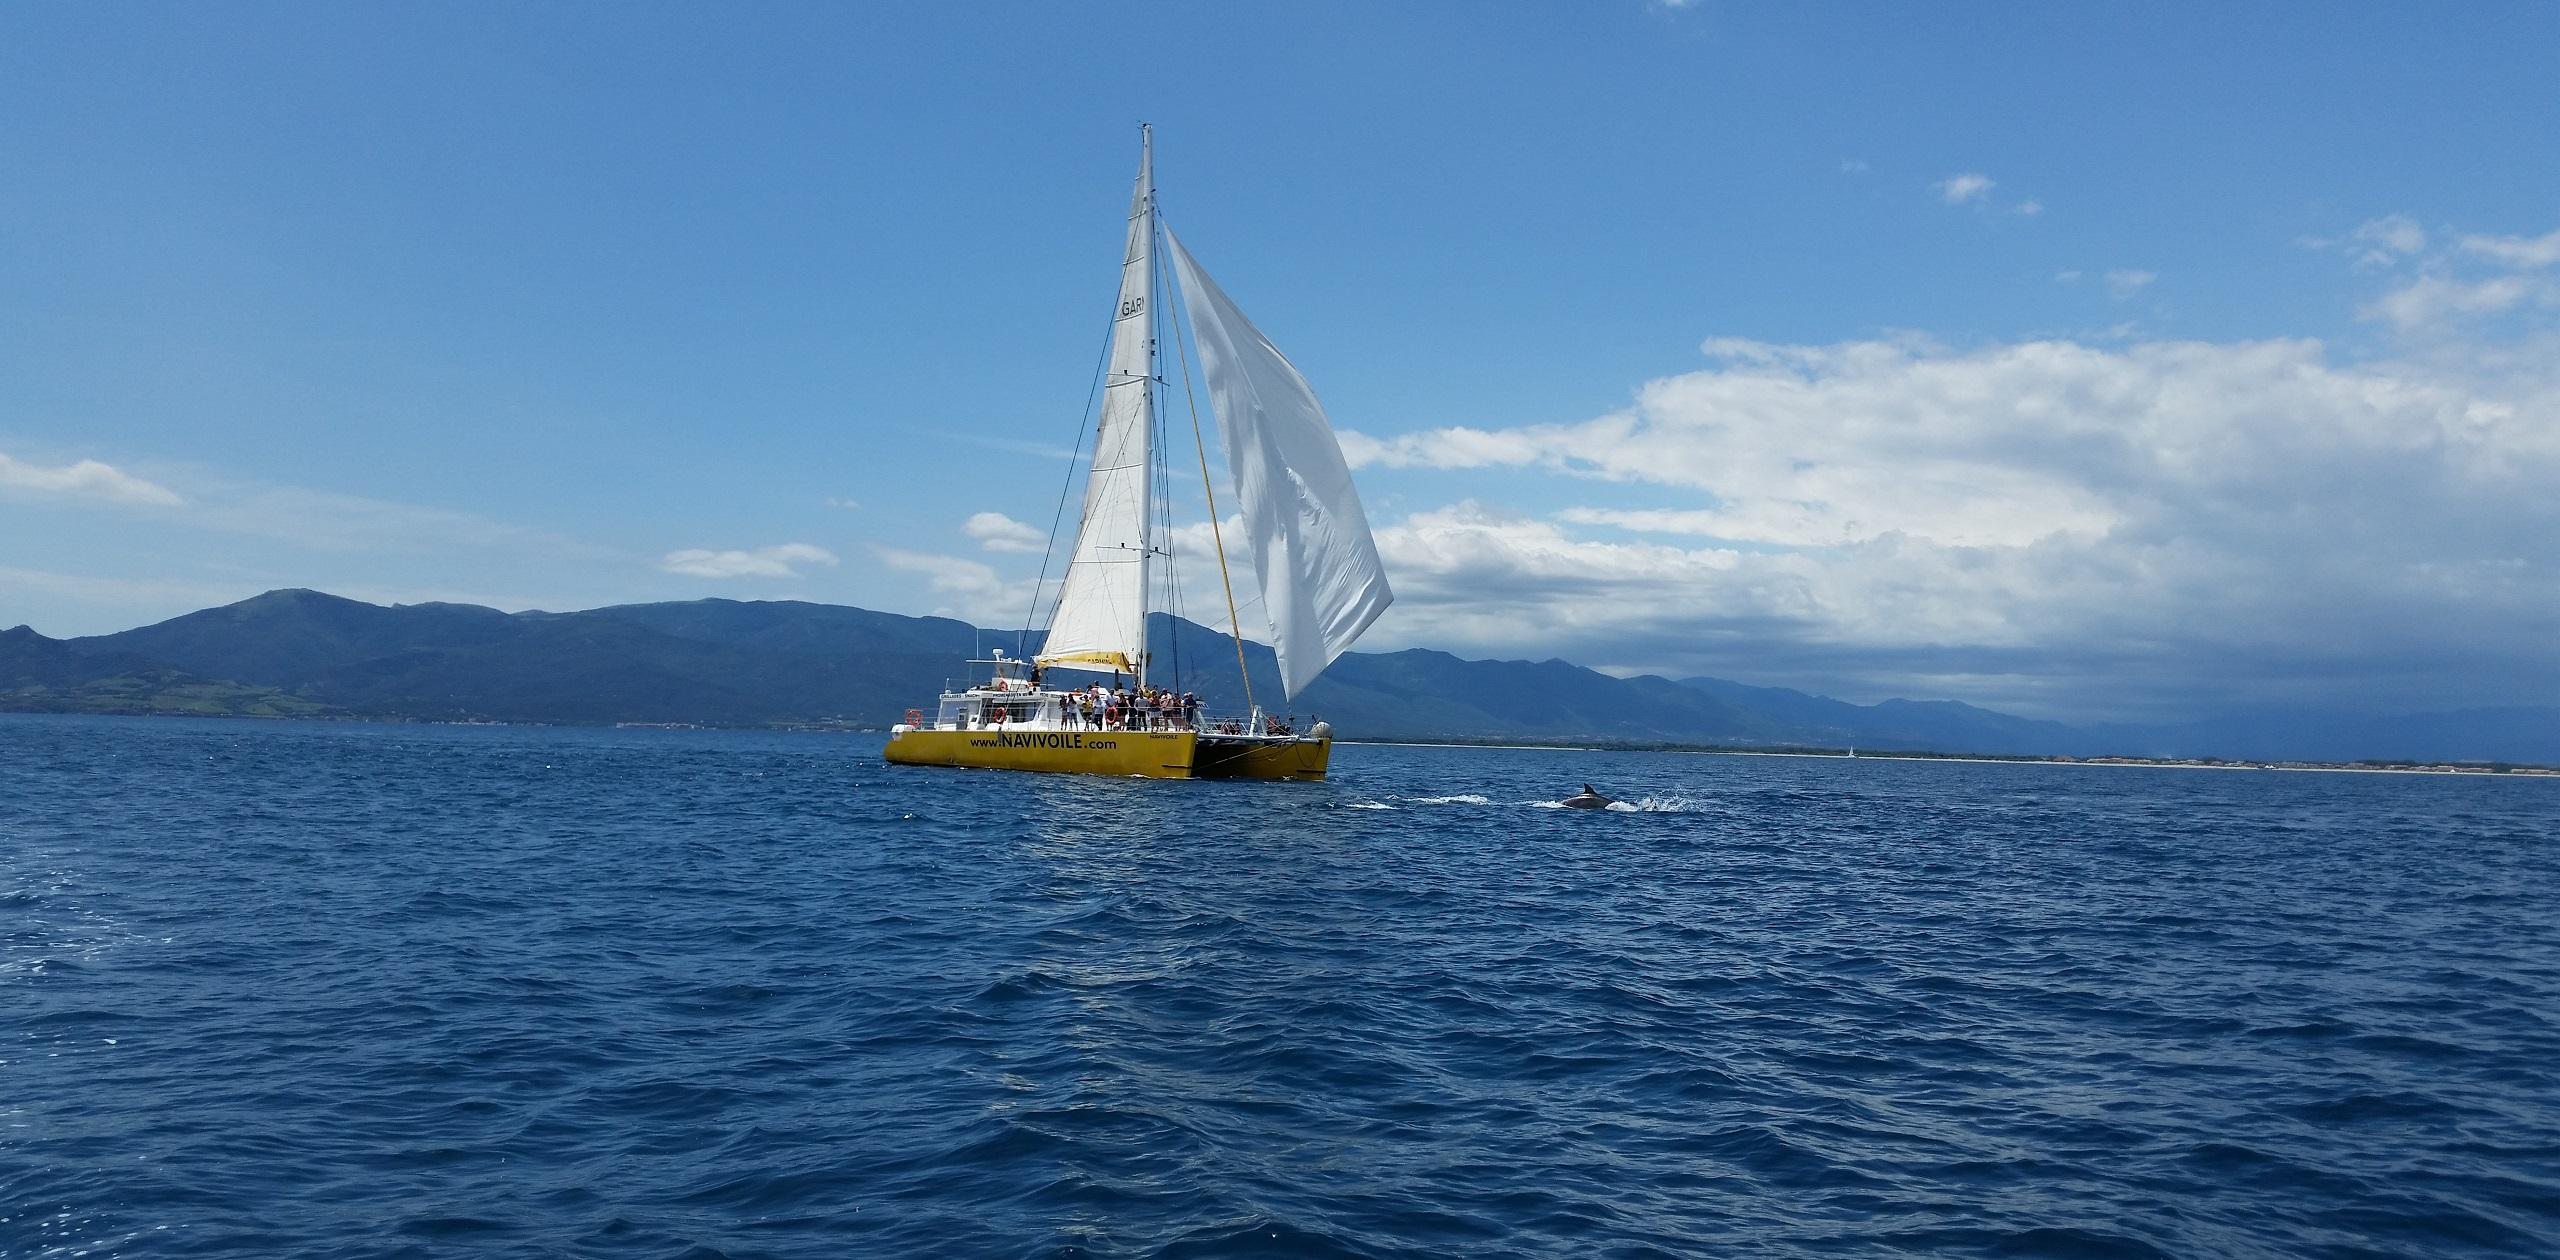 catamaran navivoile promenade en bateau dans les pyrenees orientales au depart de canet en roussillon et port vendres croisiere a la rencotre du grand dauphin au large de collioure